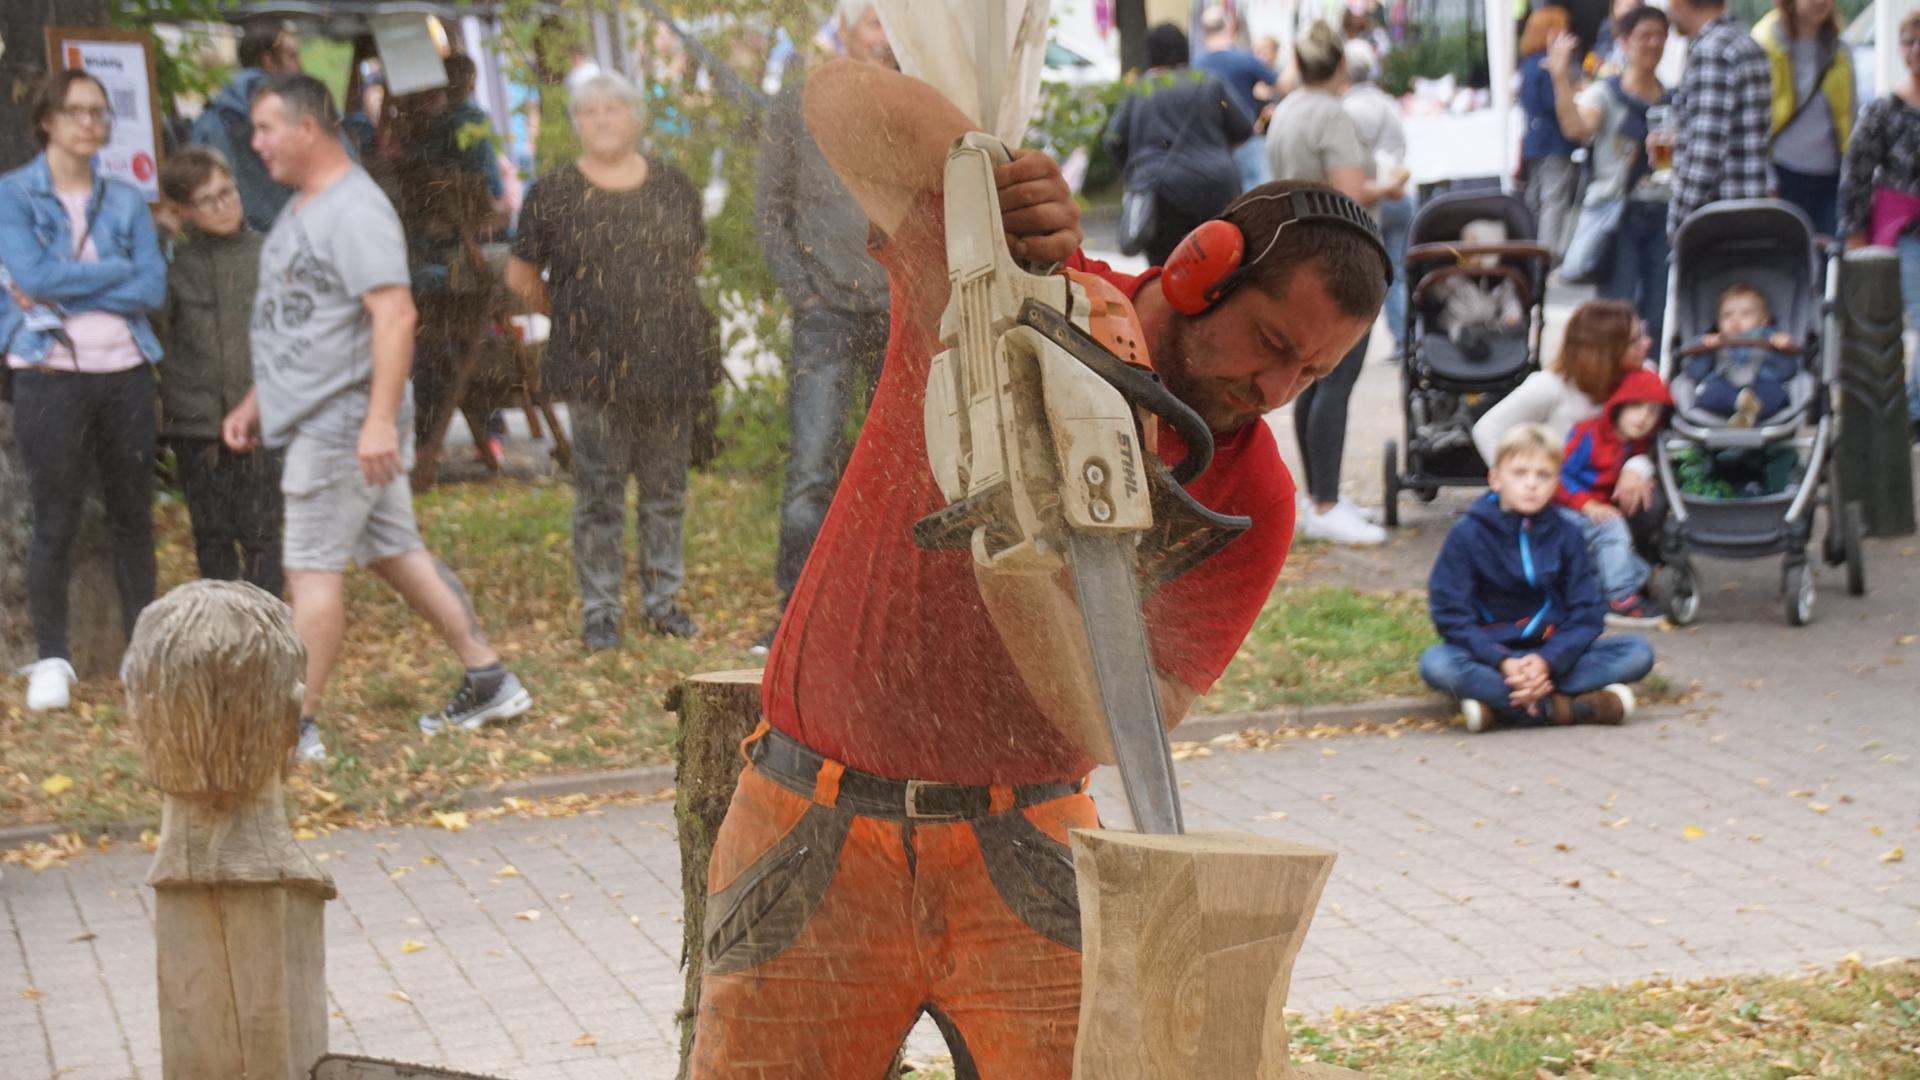 Ein Künstler mit der Kettensäge: Andreas Drost sägt Skulpturen aus Eichenstämmen und viele schauen ihm dabei zu.